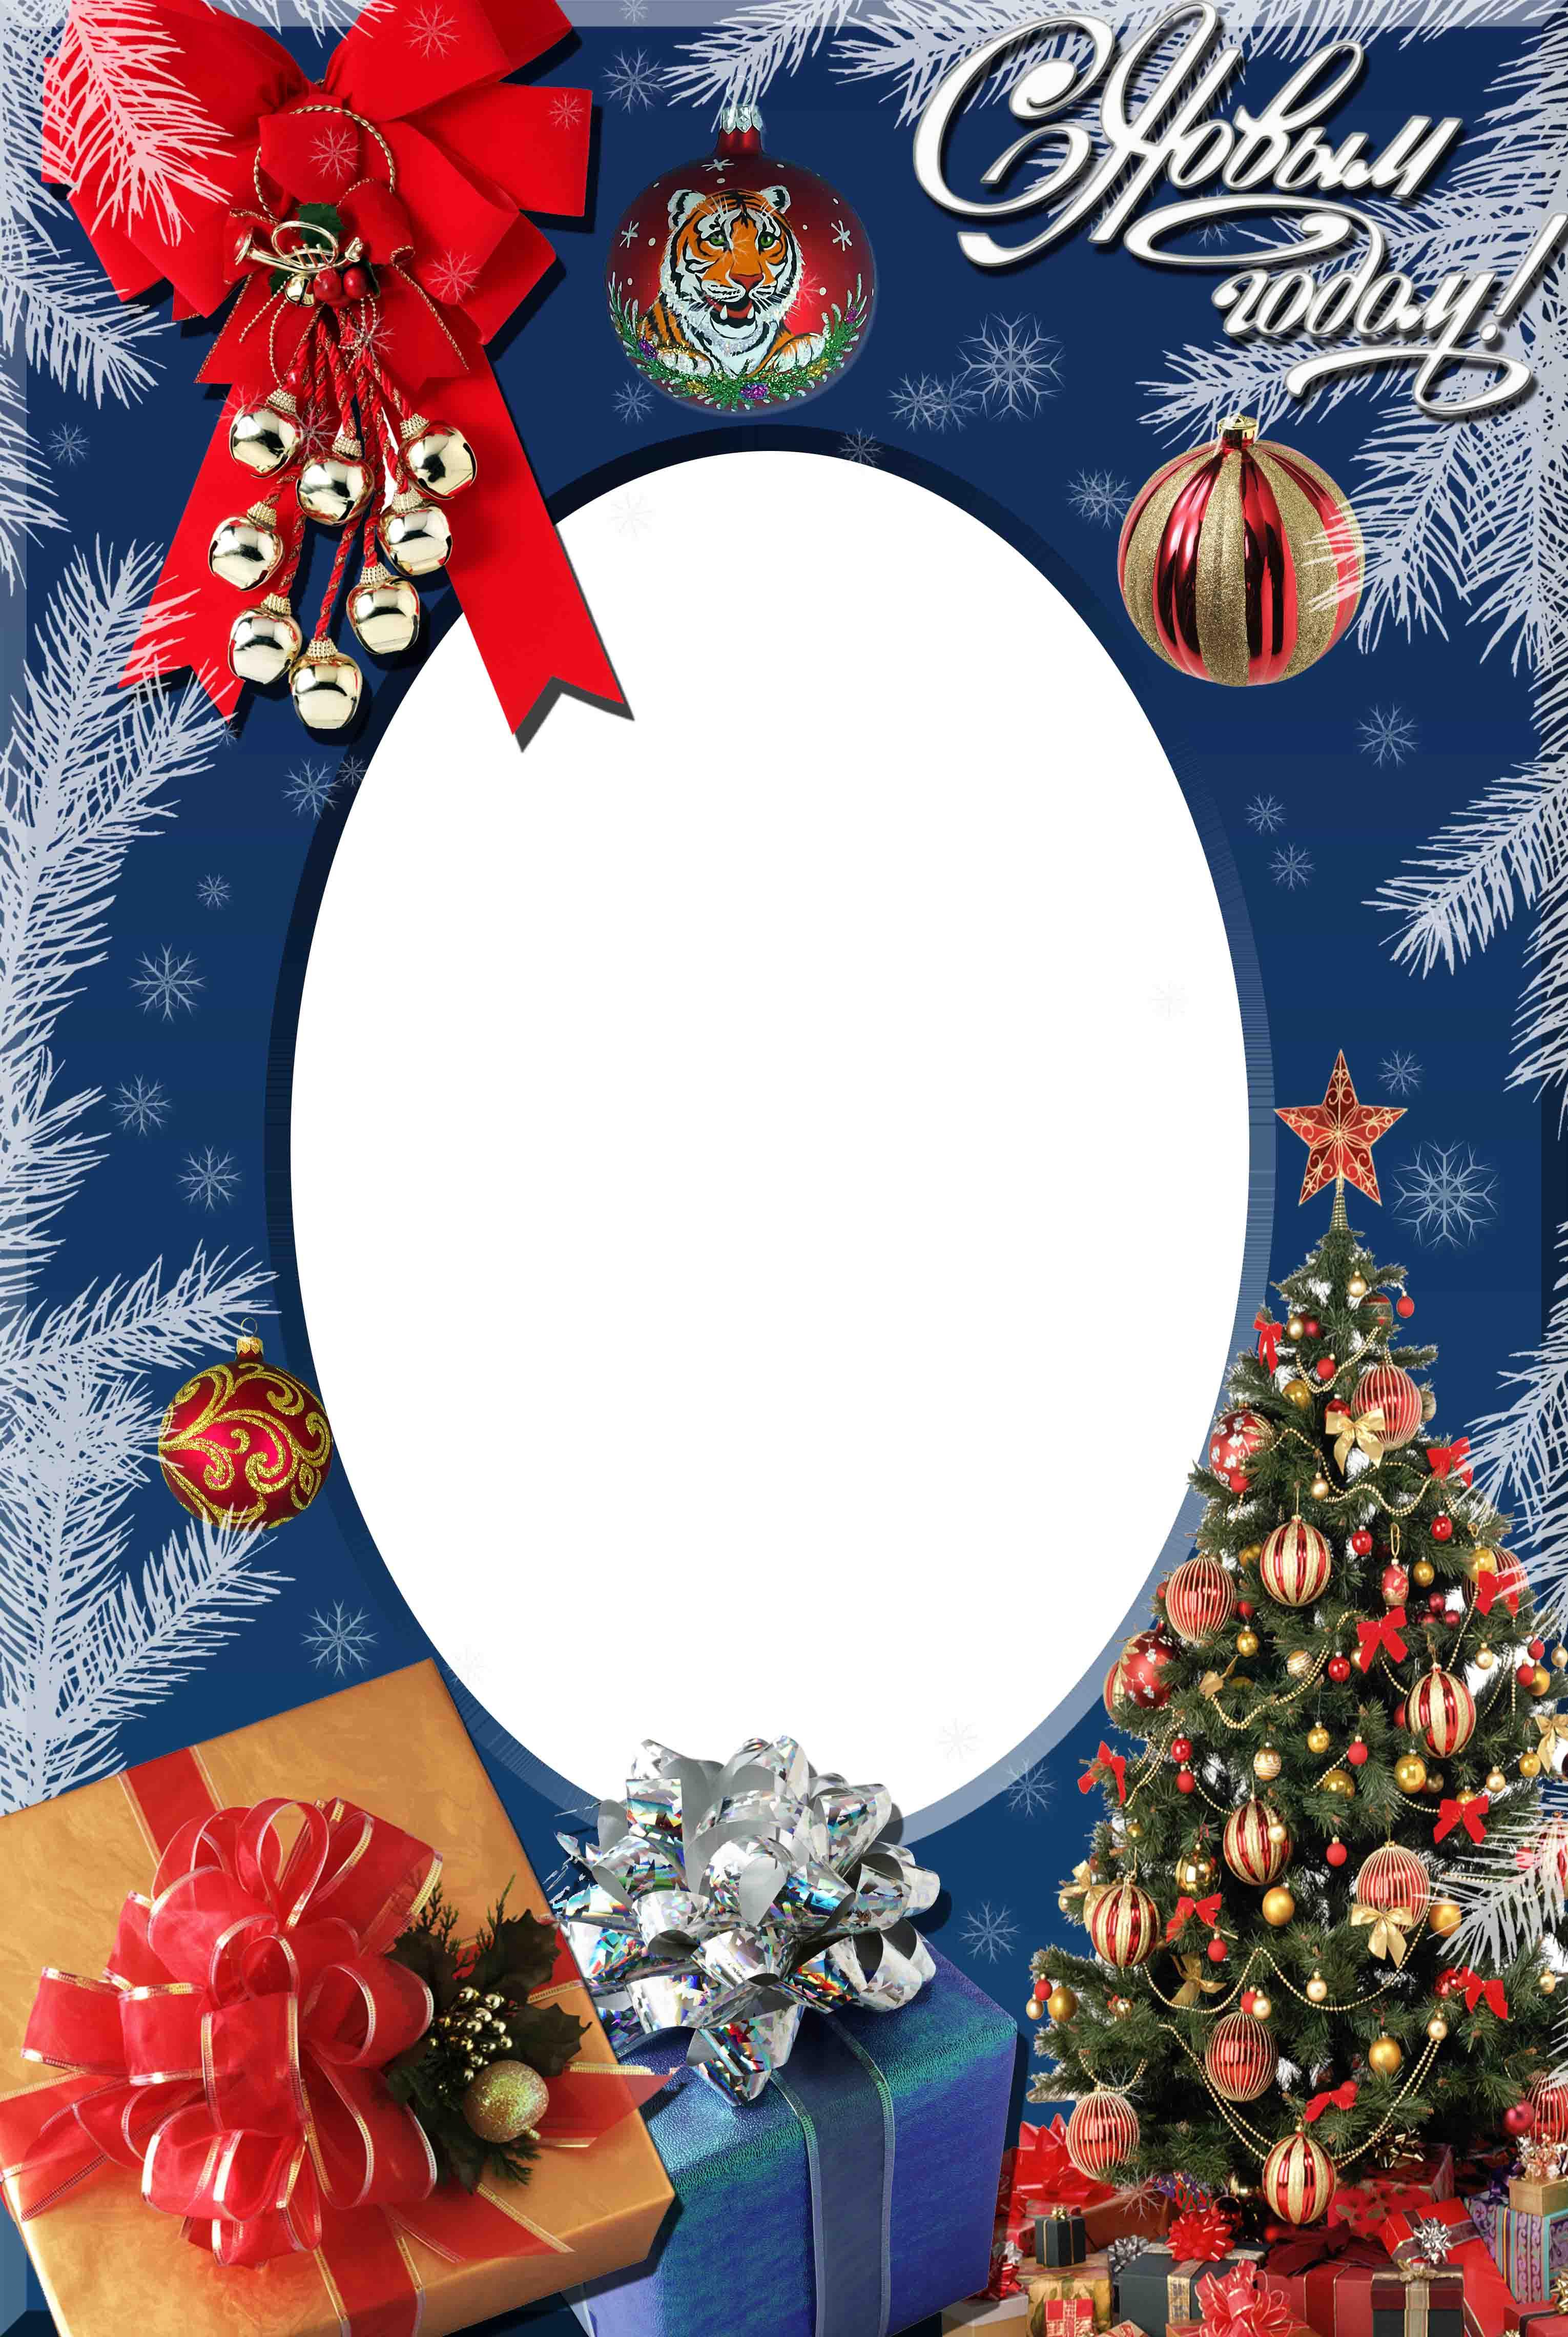 Новогодние рамки. Огромная новогодняя рамка для вертикальных фотографий на тёмно-синем фоне сделана так, что подойдёт как для детских, так и для взрослых портретов. Эта новогодняя рамка универсальна, и кому бы Вы ни захотели сделать такой сюрприз, новогодняя рамка украсит любую фотографию. Новогодняя рамка для самой фотографии сделана в форме овала, что смягчает тёмные тона, а красивое оформление с новогодними атрибутами поможет Вам создать праздничное настроение.